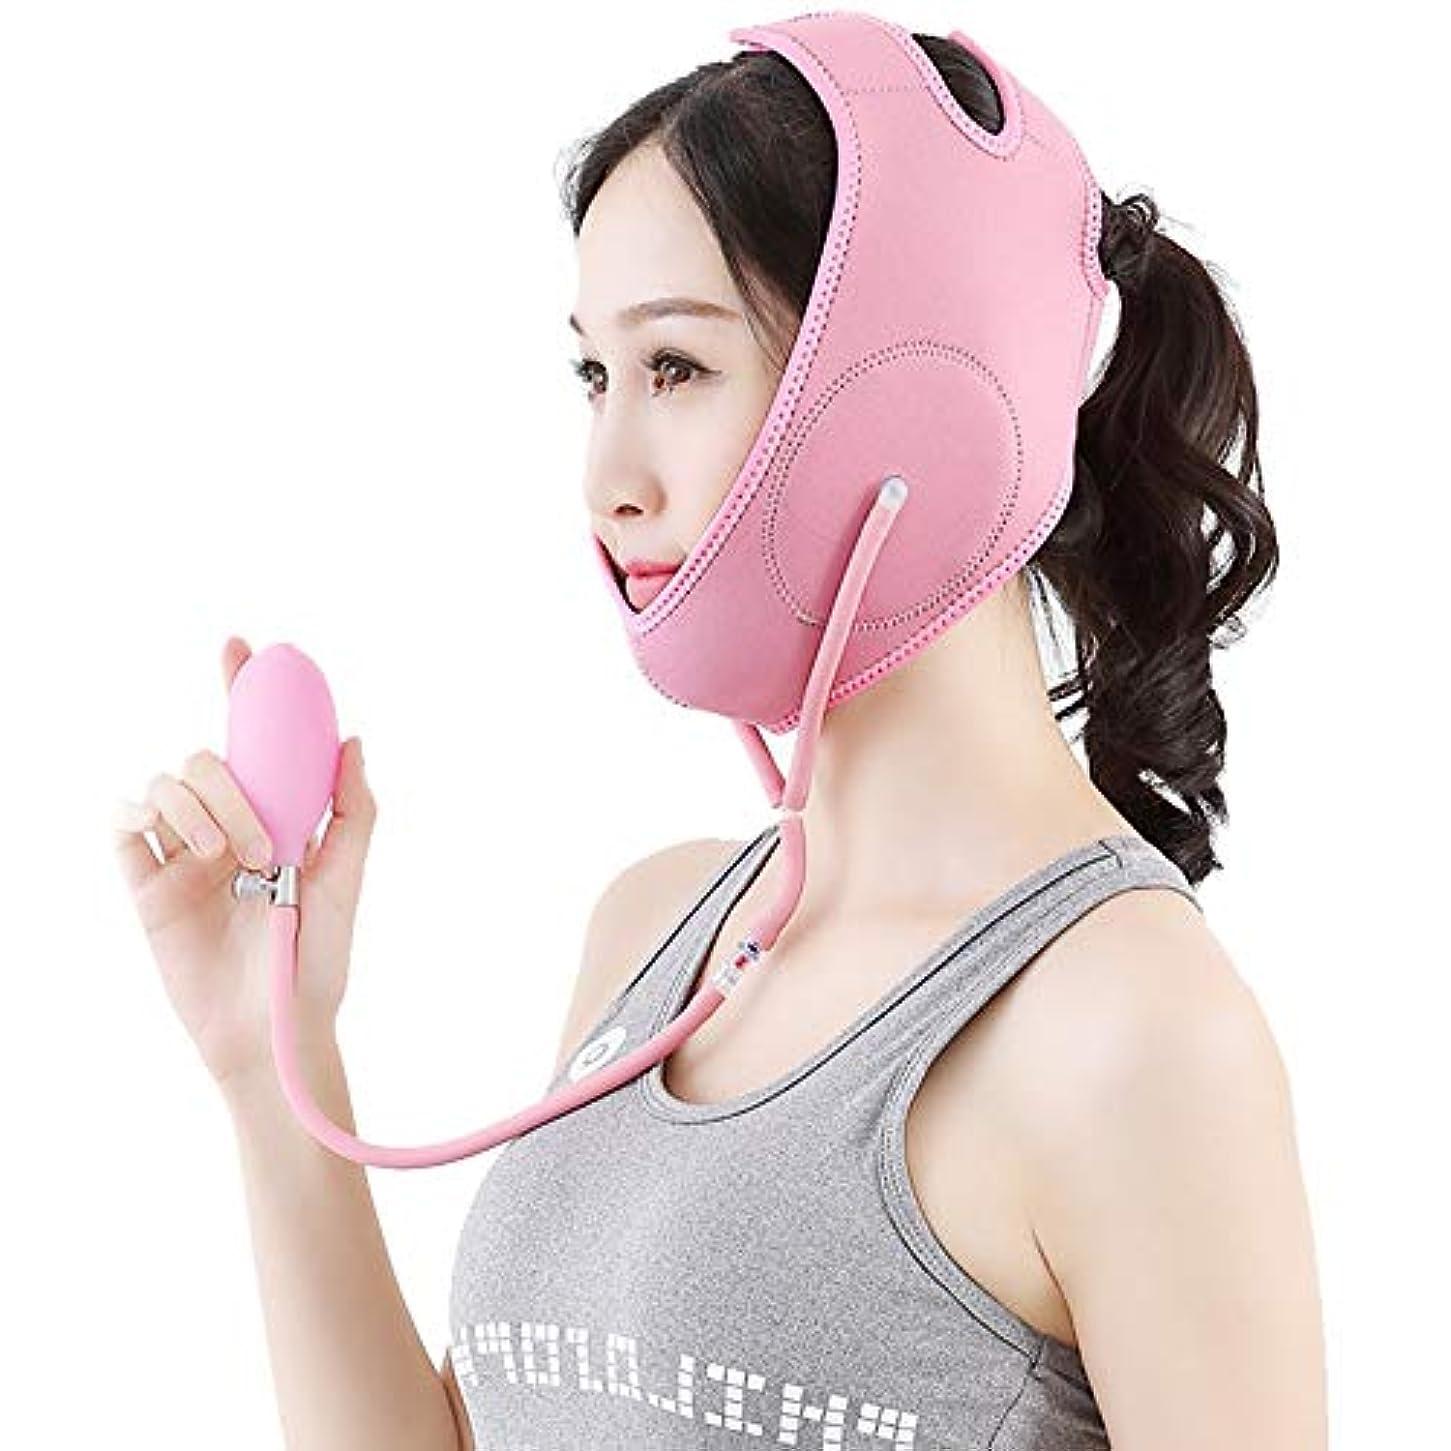 シュガー詩等飛強強 フェイシャルリフティング痩身ベルトダブルエアバッグ圧力調整フェイス包帯マスク整形マスクが顔を引き締める スリムフィット美容ツール (Color : Pink, Size : M)